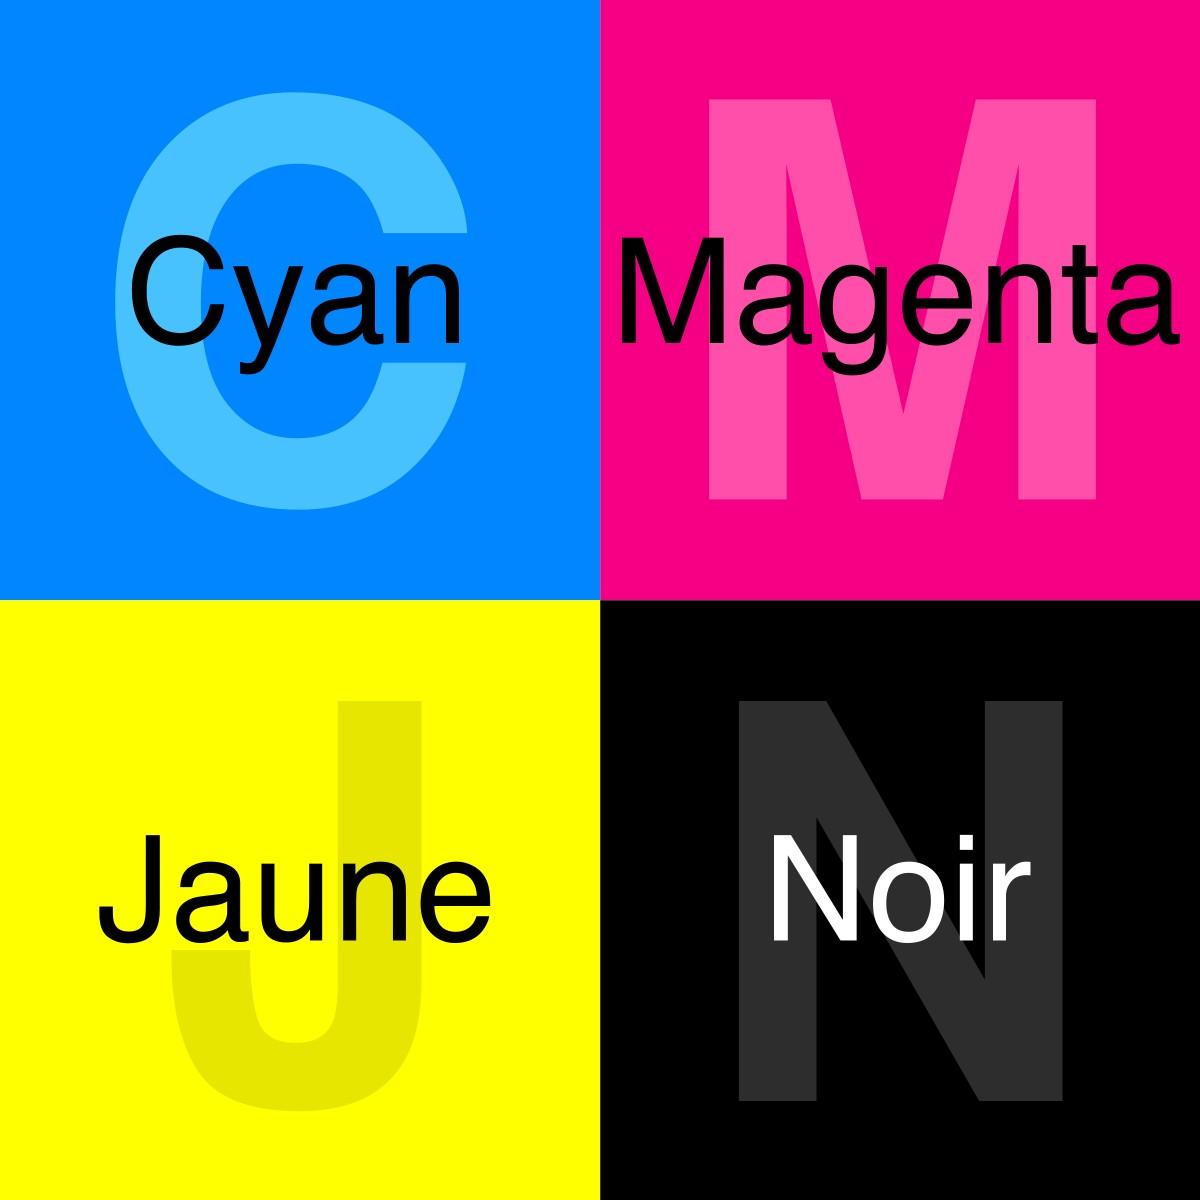 Bleu cyan, rose magenta, jaune ou noir ?